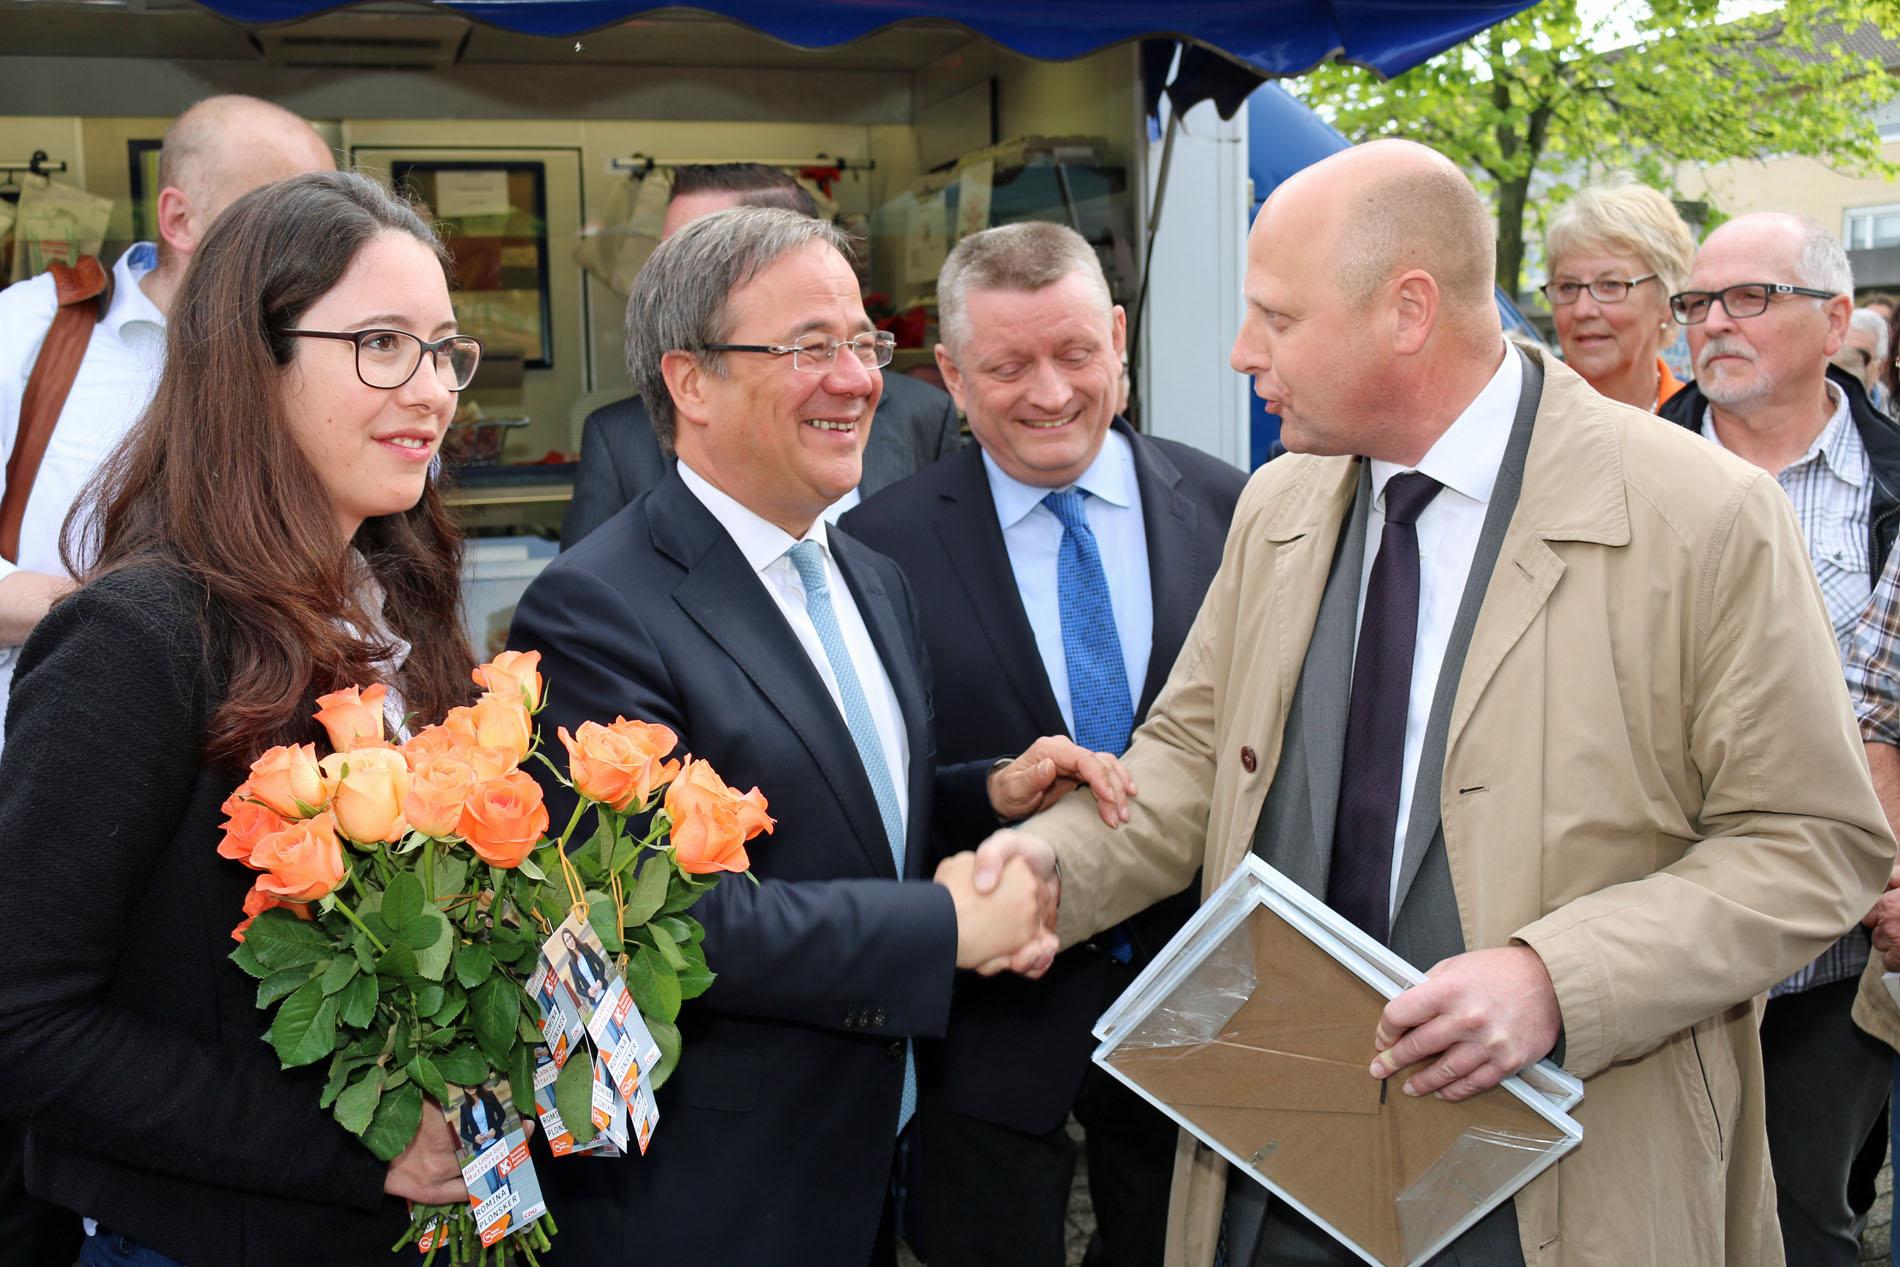 Manfred Speuser, Vorsitzender des Königshovener Quartettverein, überreicht als Gastgeschenk Armin Laschet ein Chorfoto mit persönlicher Widmung.